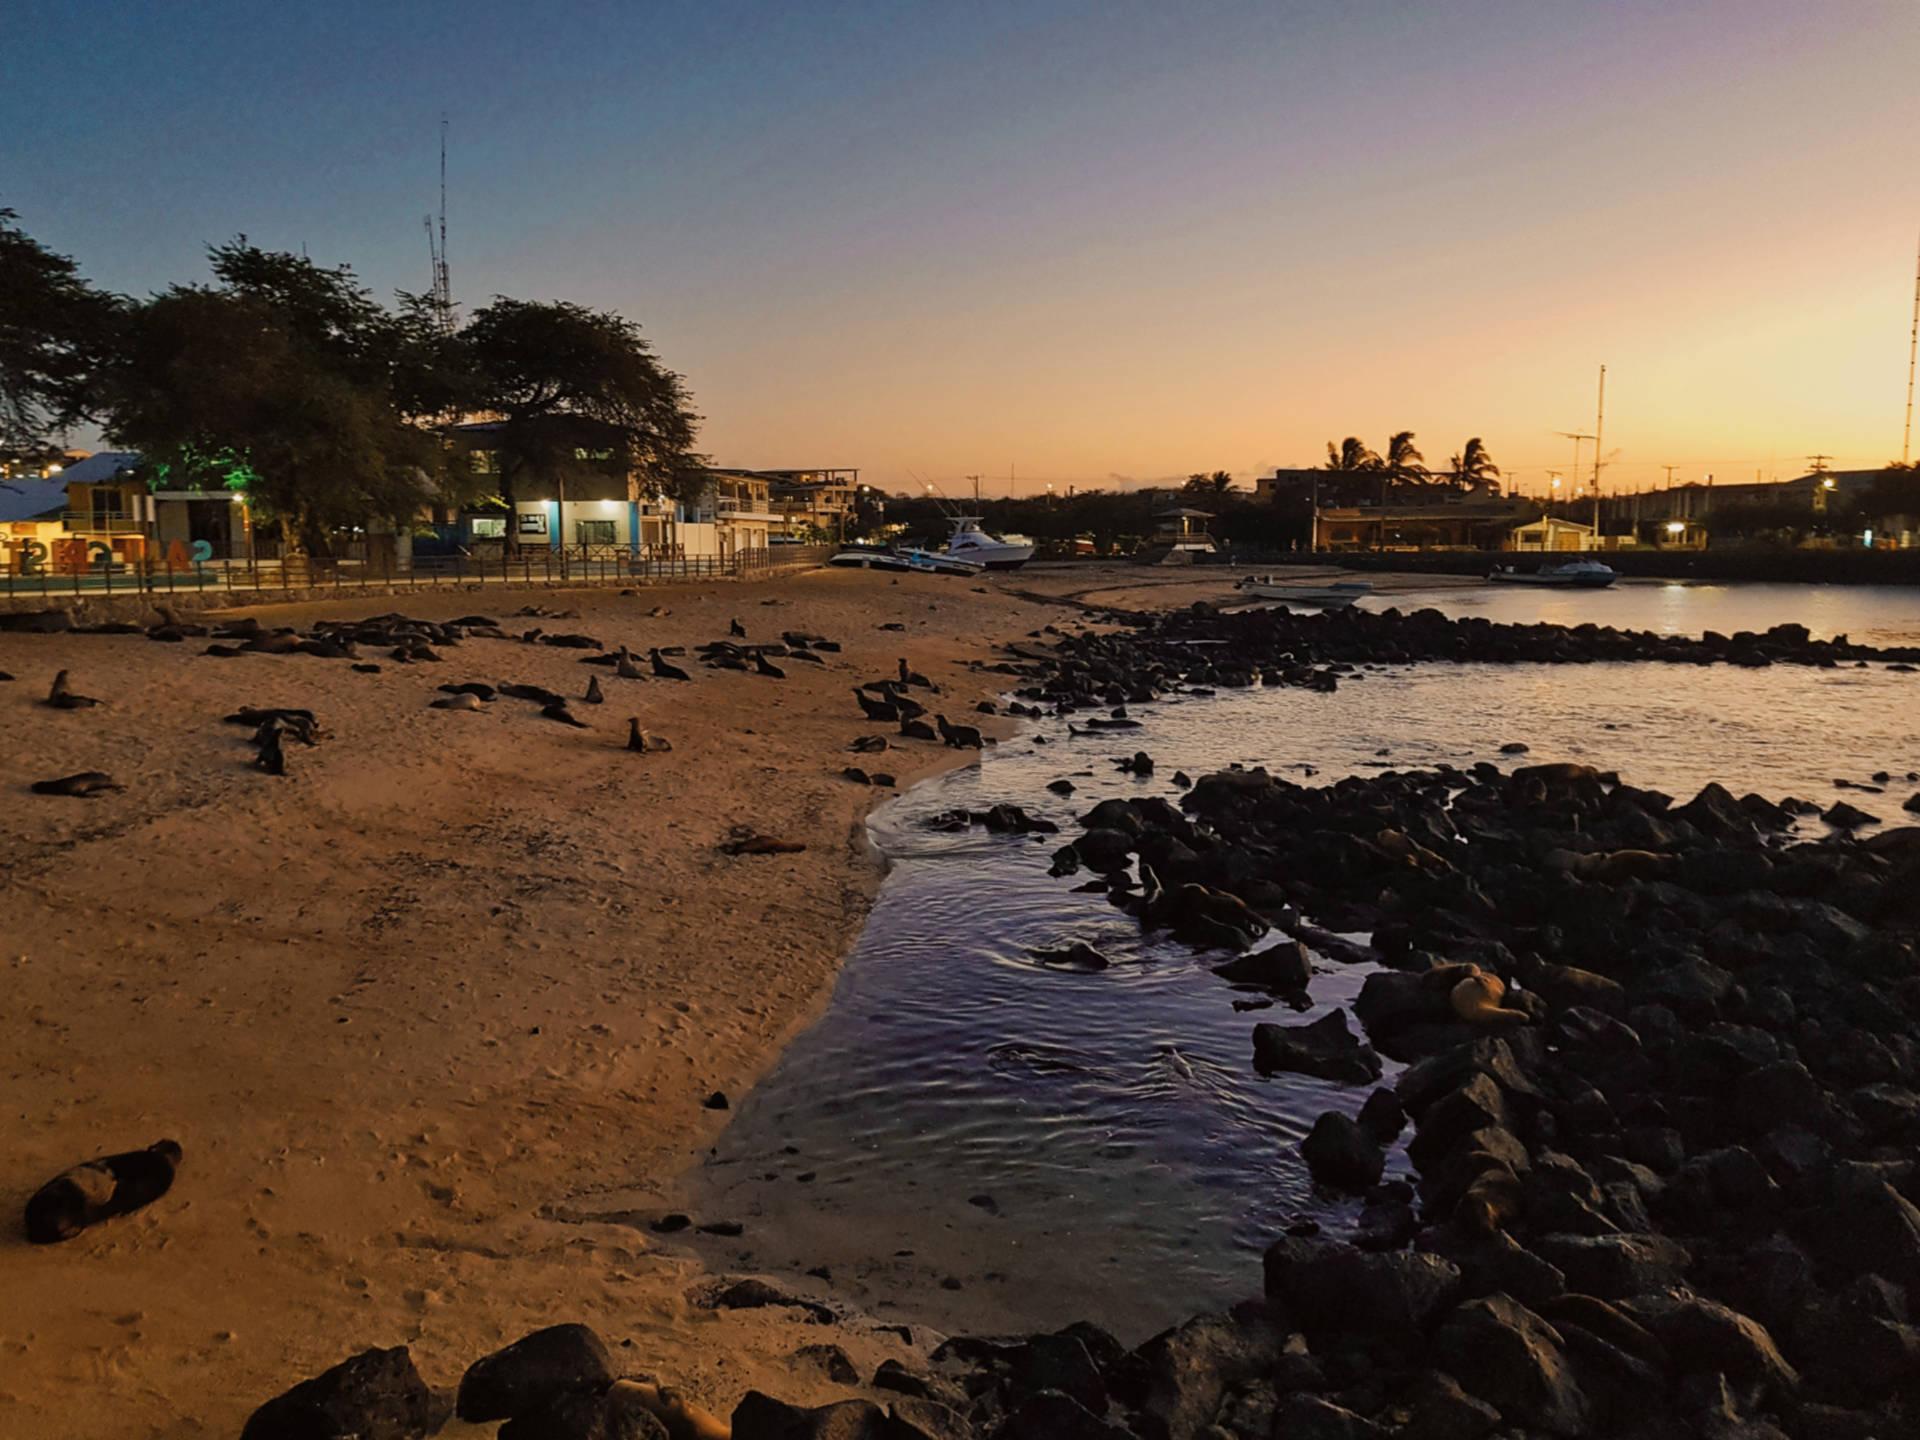 Jak tanio zwiedzić Wyspy Galapagos Darmowe atrakcje nawyspach (15)